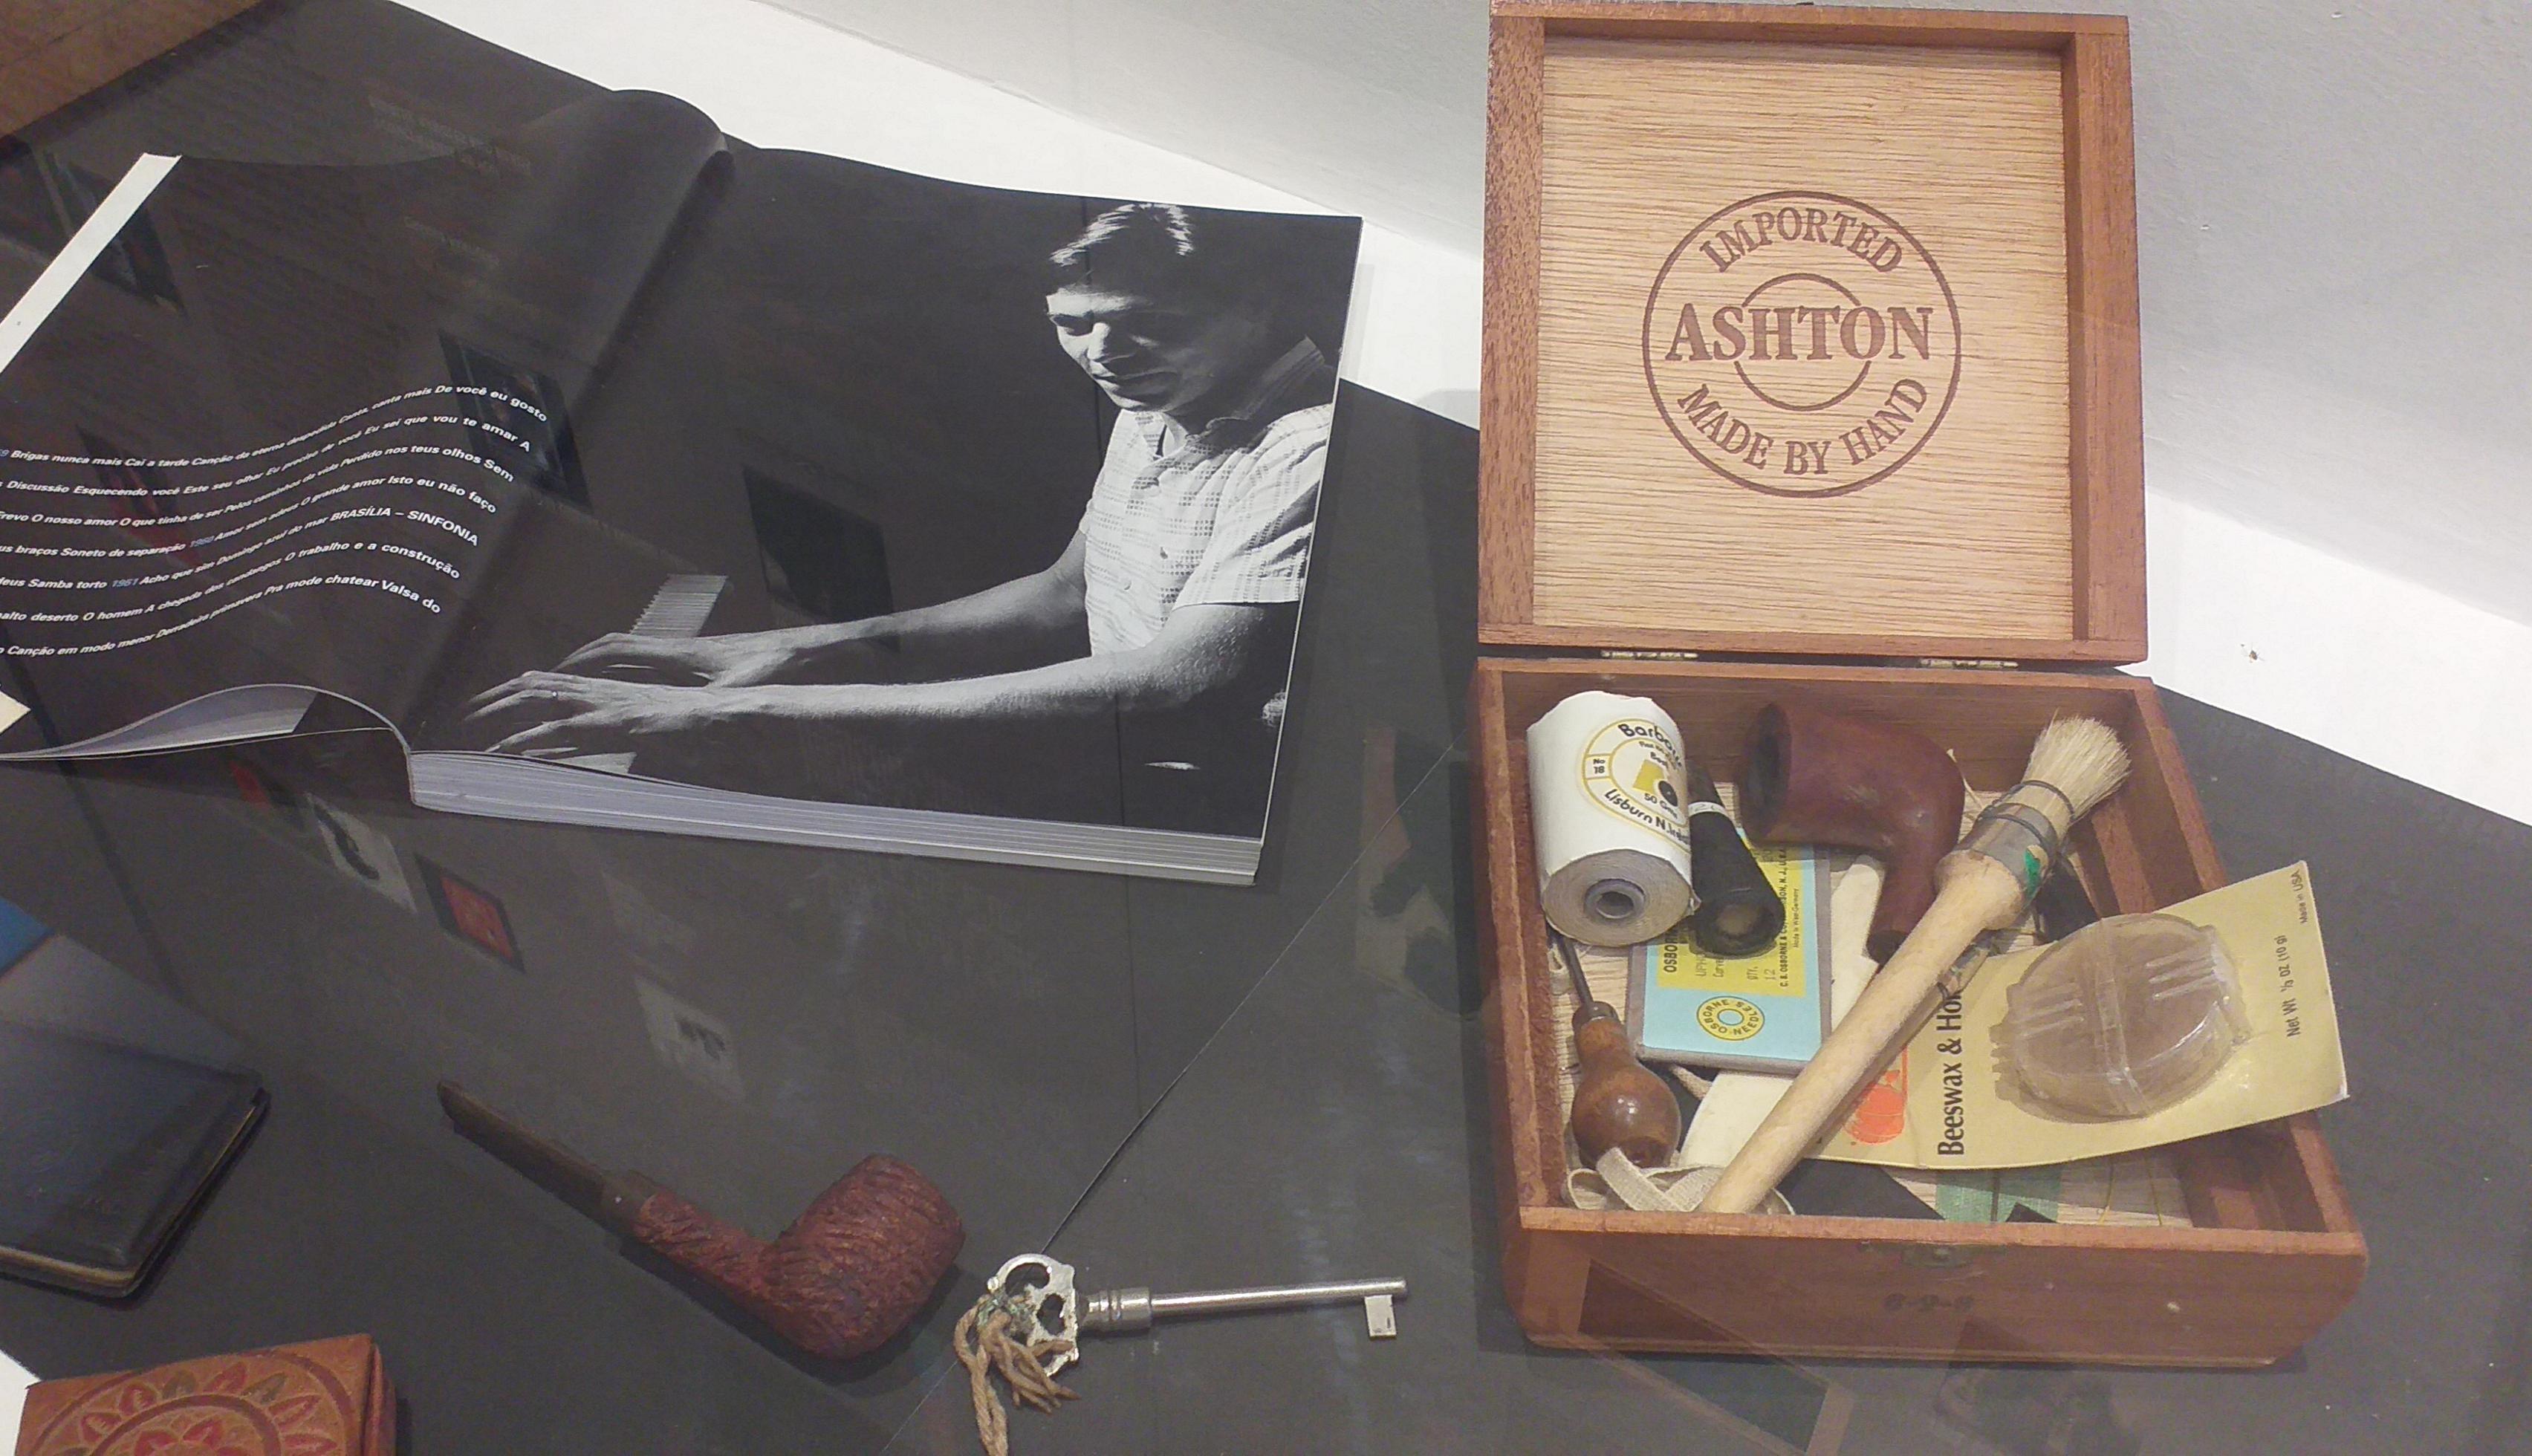 Imagem mostra artefatos de Tom Jobim, como um caximbo, uma caixa e uma foto do músico